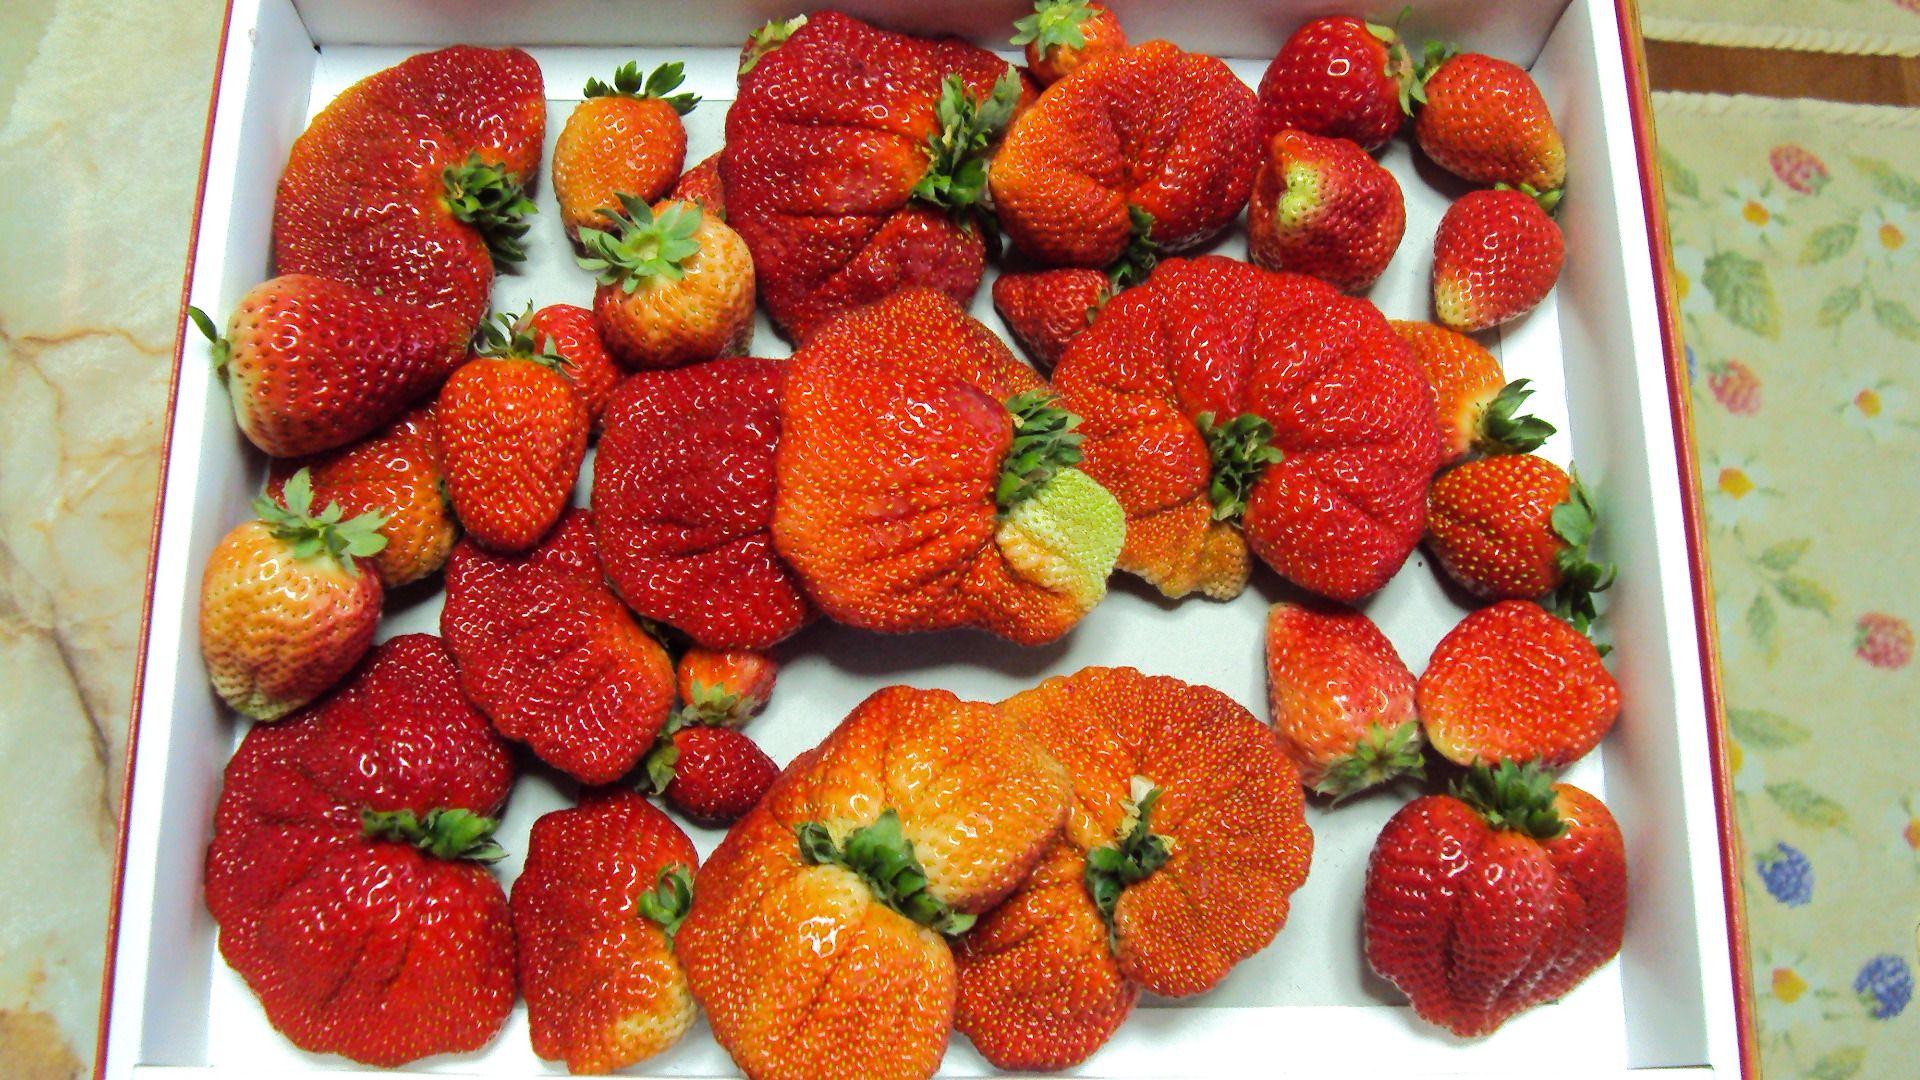 近所の人からイチゴもらったけどワロタwwwwwww → 規格外イチゴは「放射能の影響」? まとめ